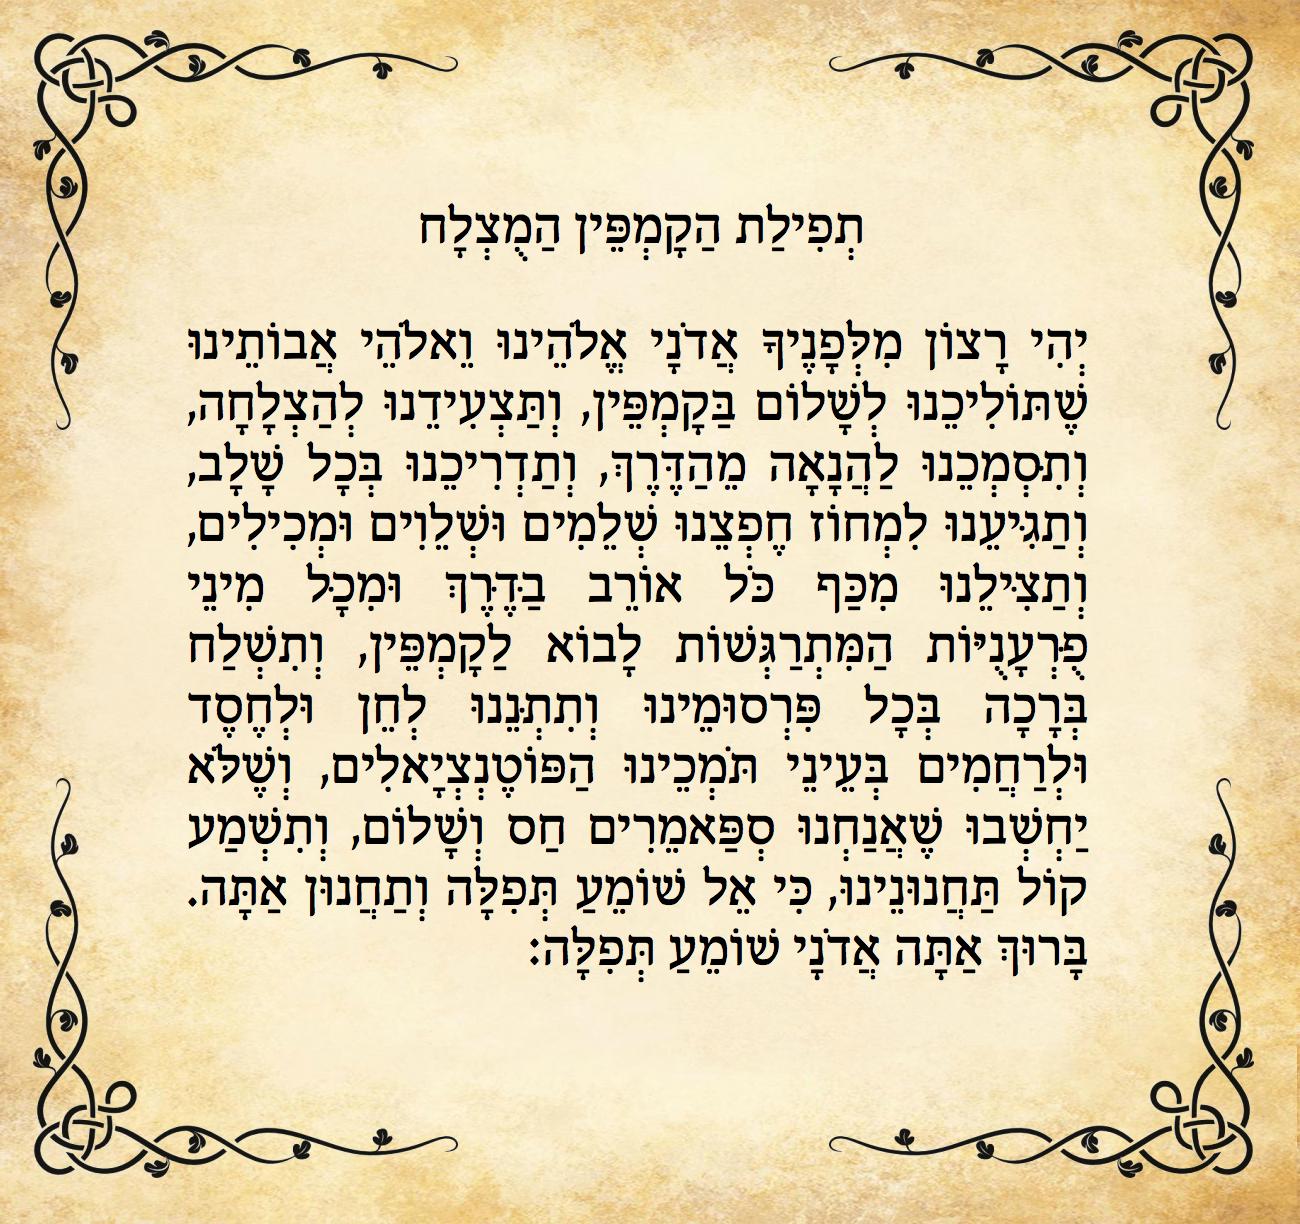 תפילת הקמפיין